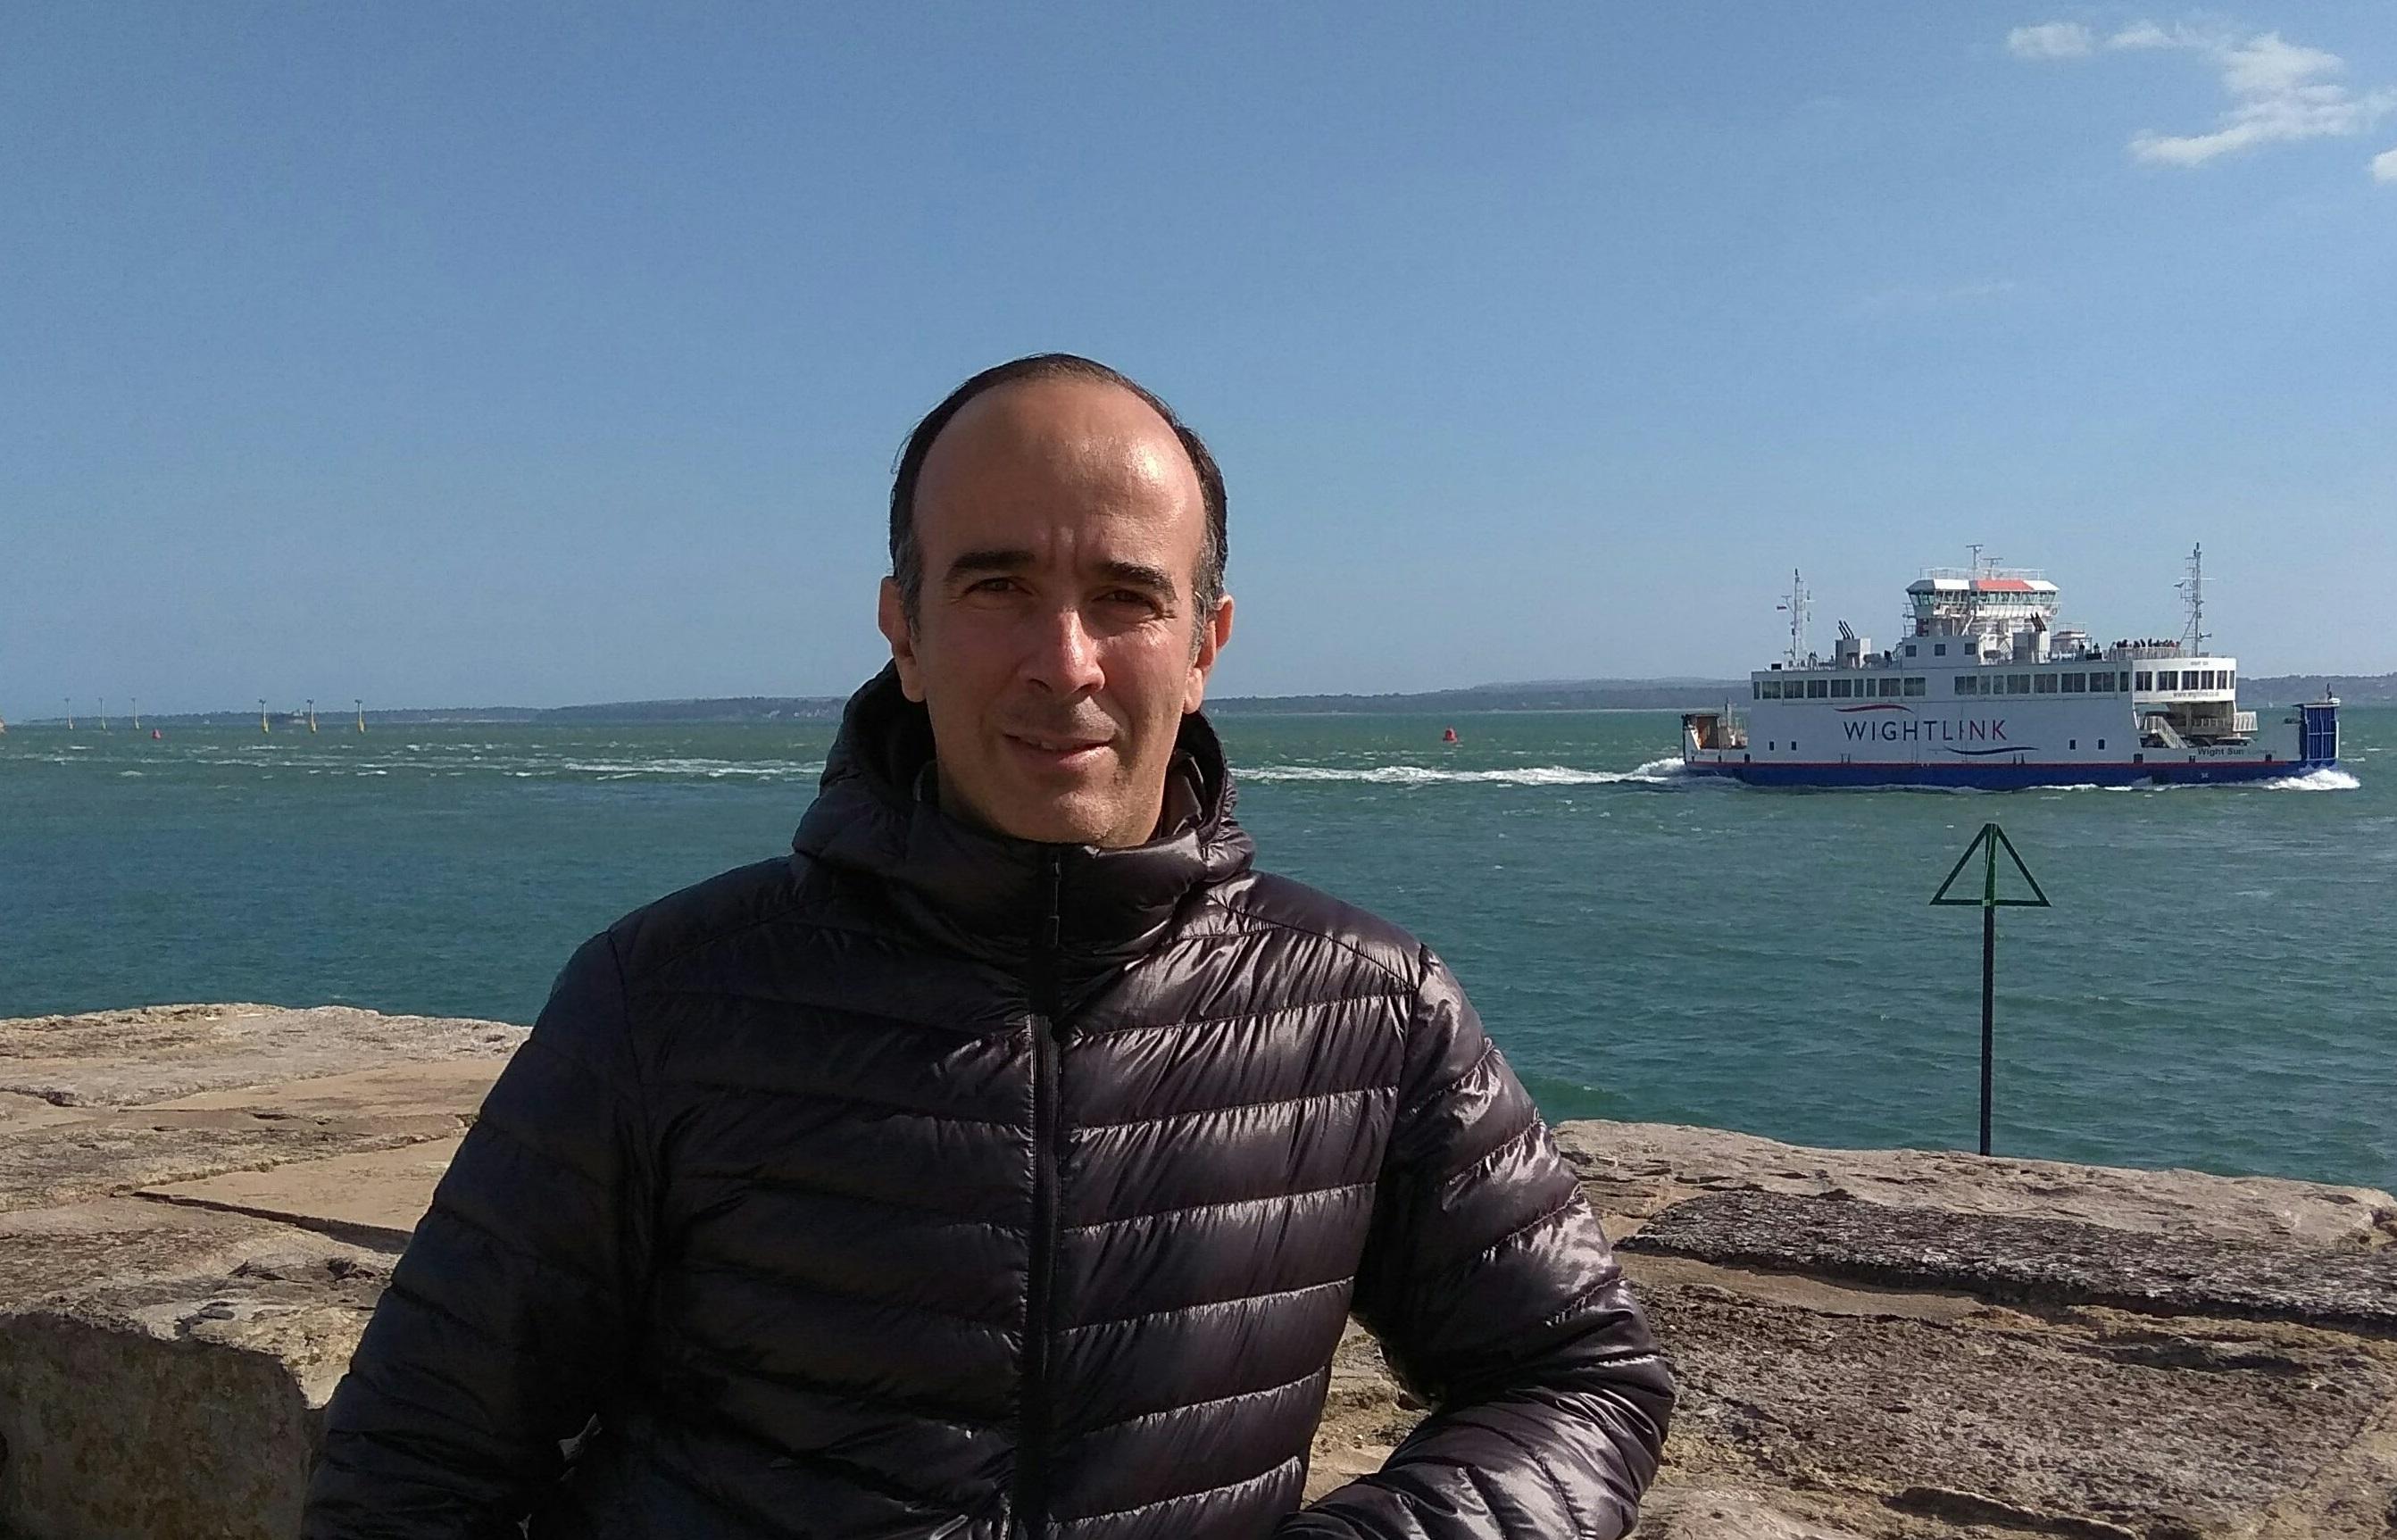 Eduardo_Rosiello Callao